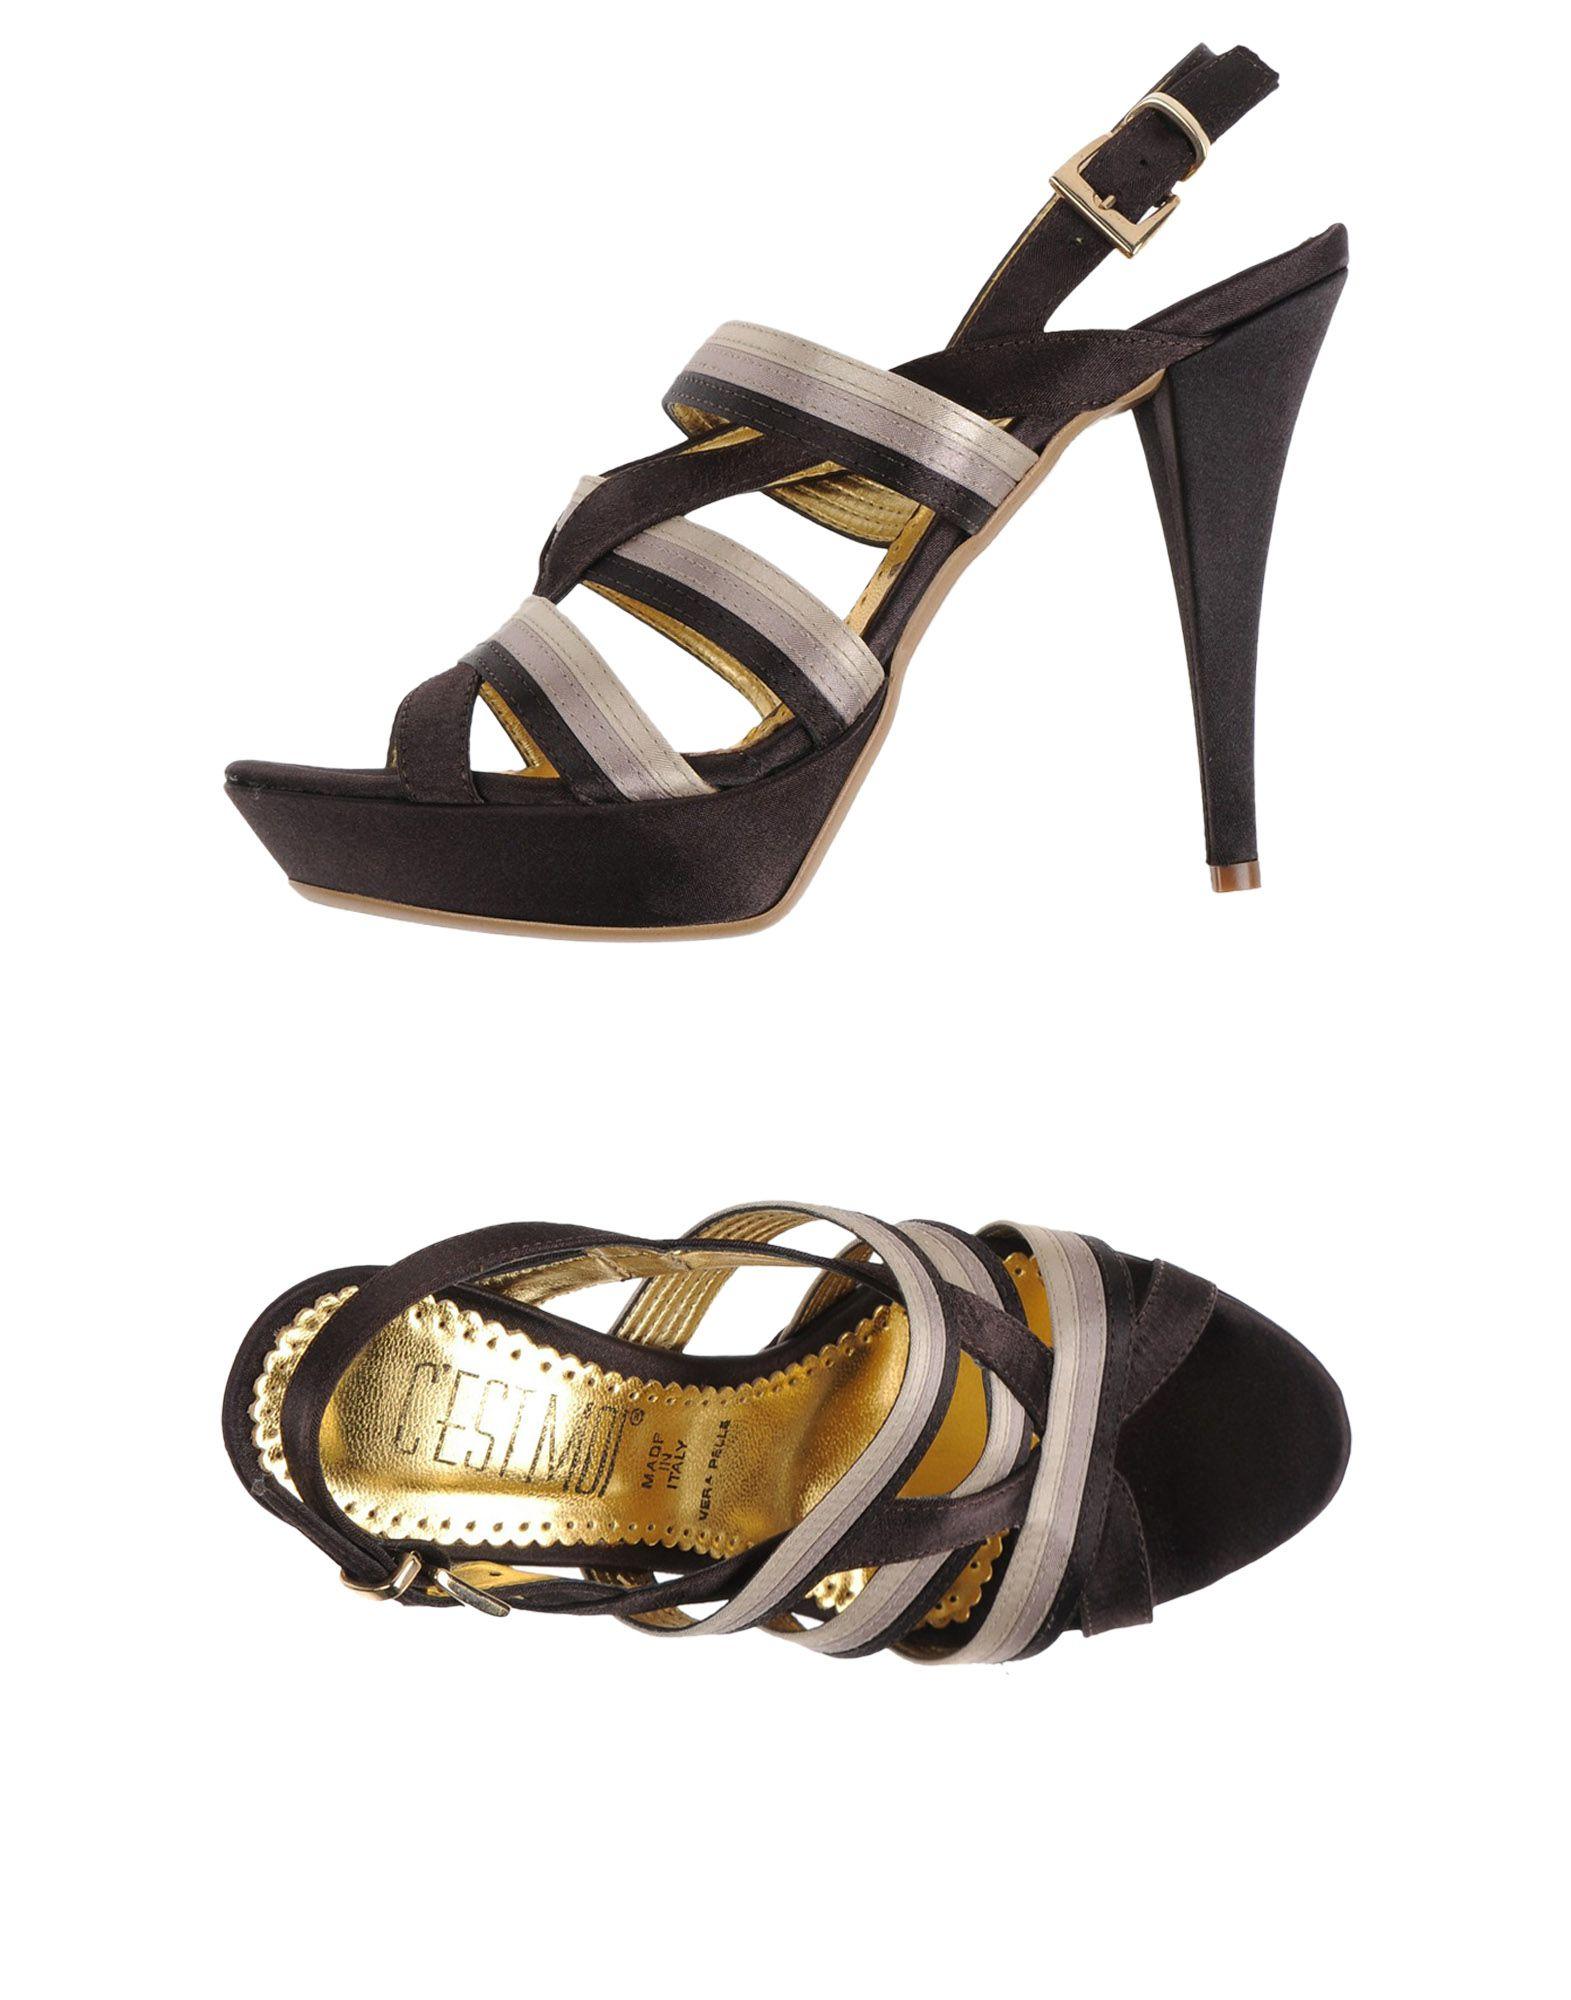 Sandales Cest Moi Femme - Sandales Cest Moi sur